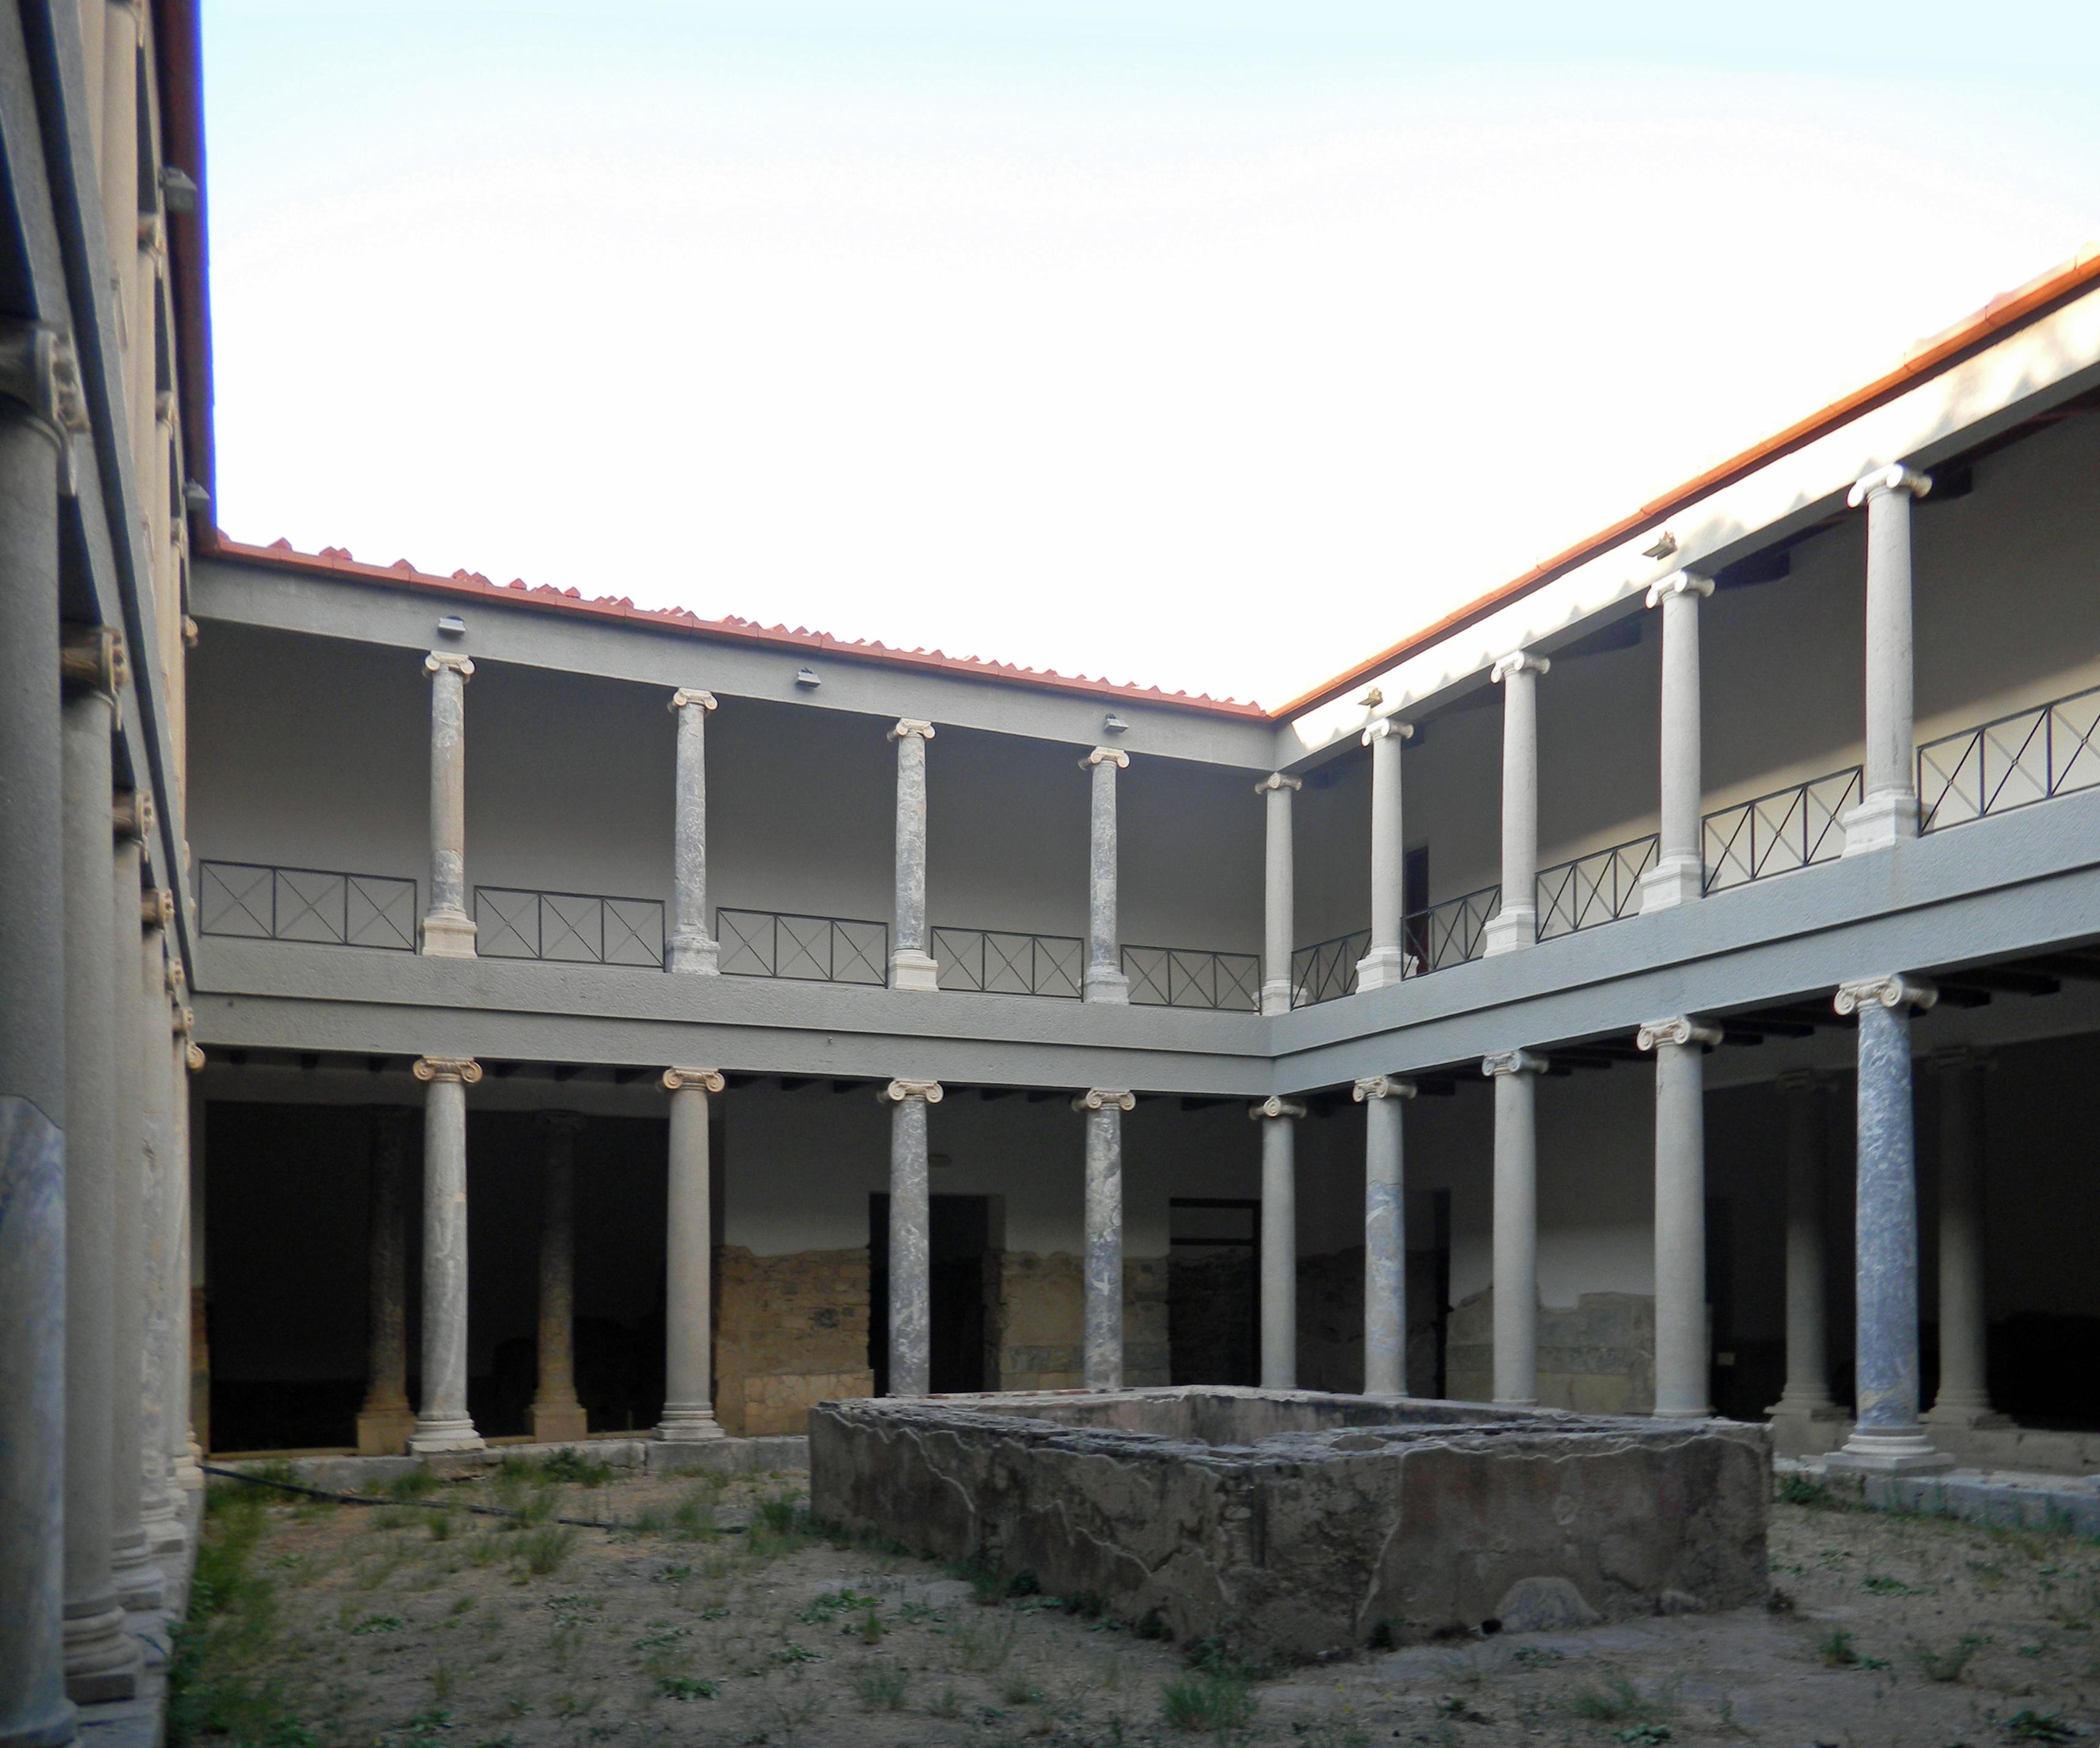 La ville de kos le de kos la ville gr co romaine - La casa romana ...